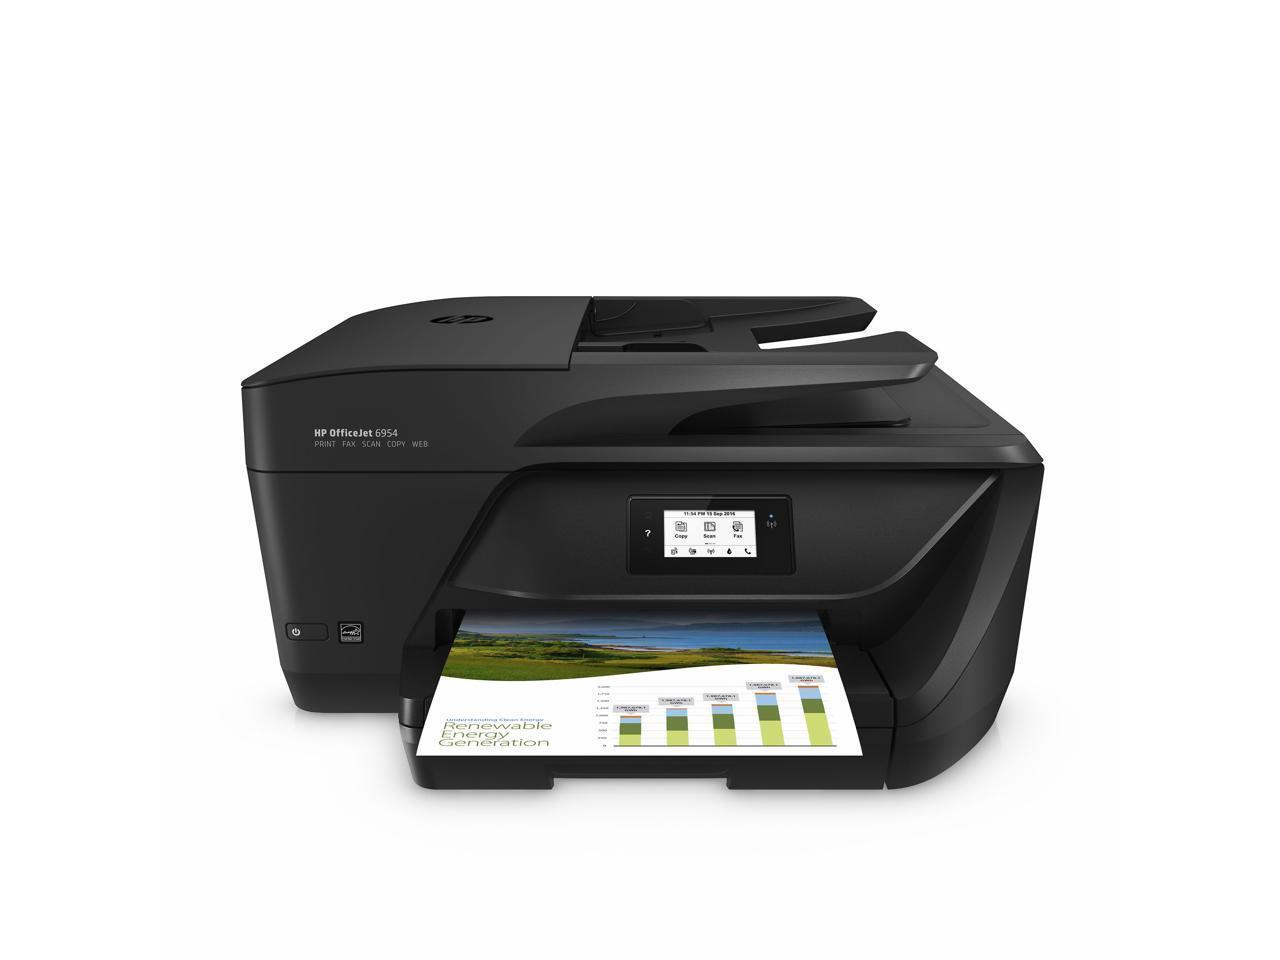 HP OfficeJet 6962/6954 All-in-One Inkjet Printer w/ Print, Scan, Fax, Copy